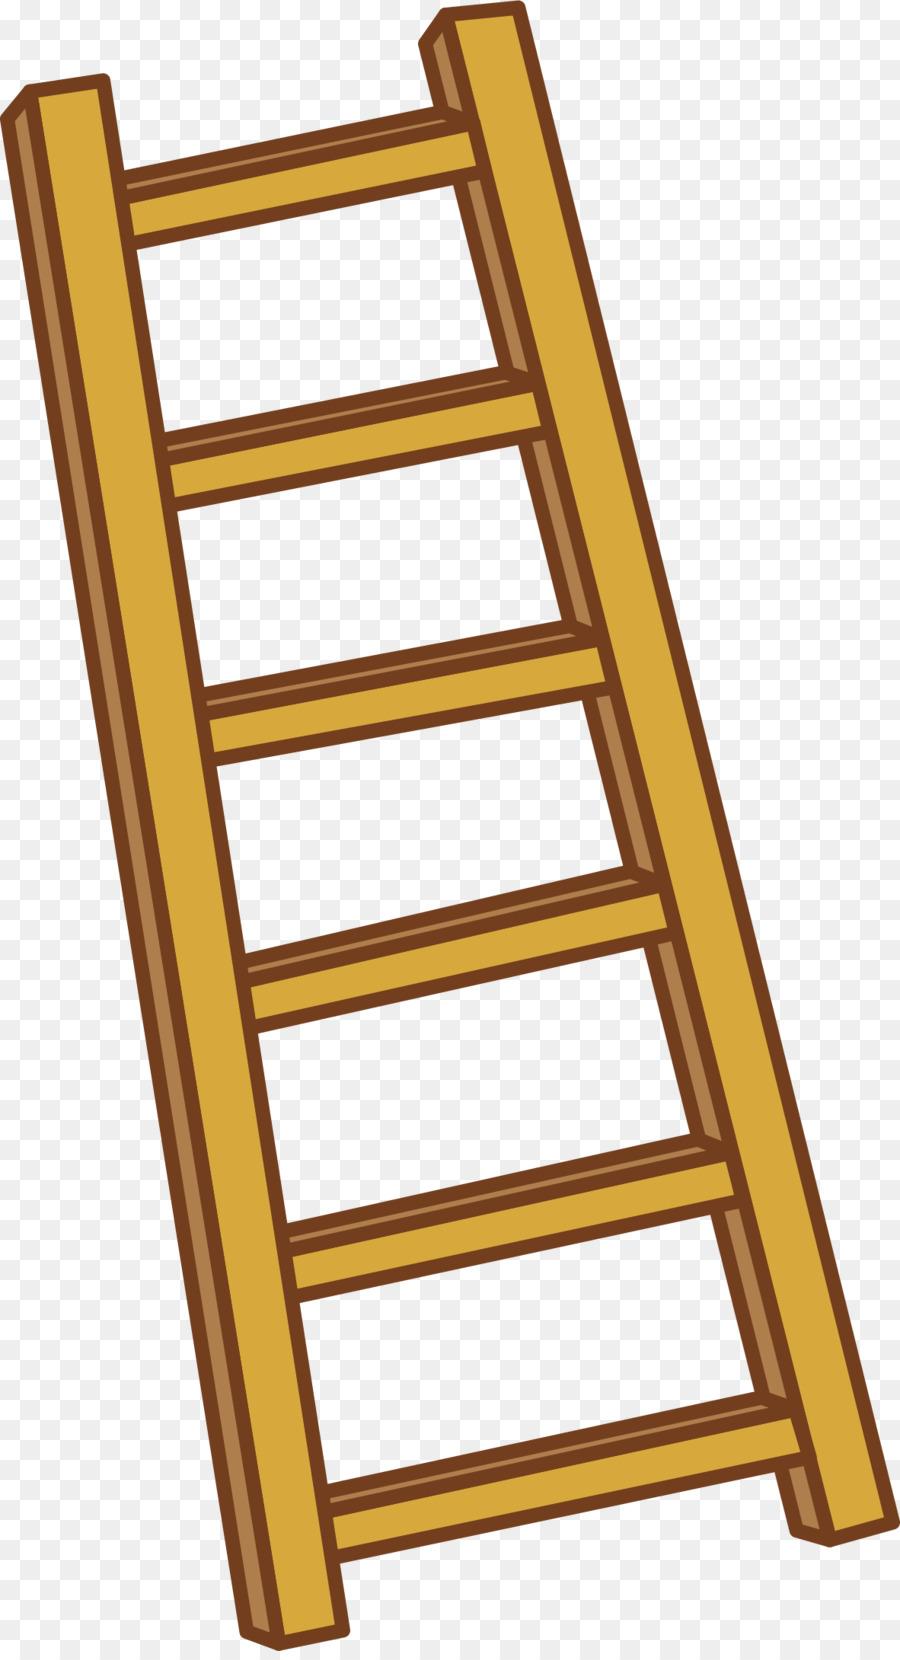 Ladder Cartoon clipart.